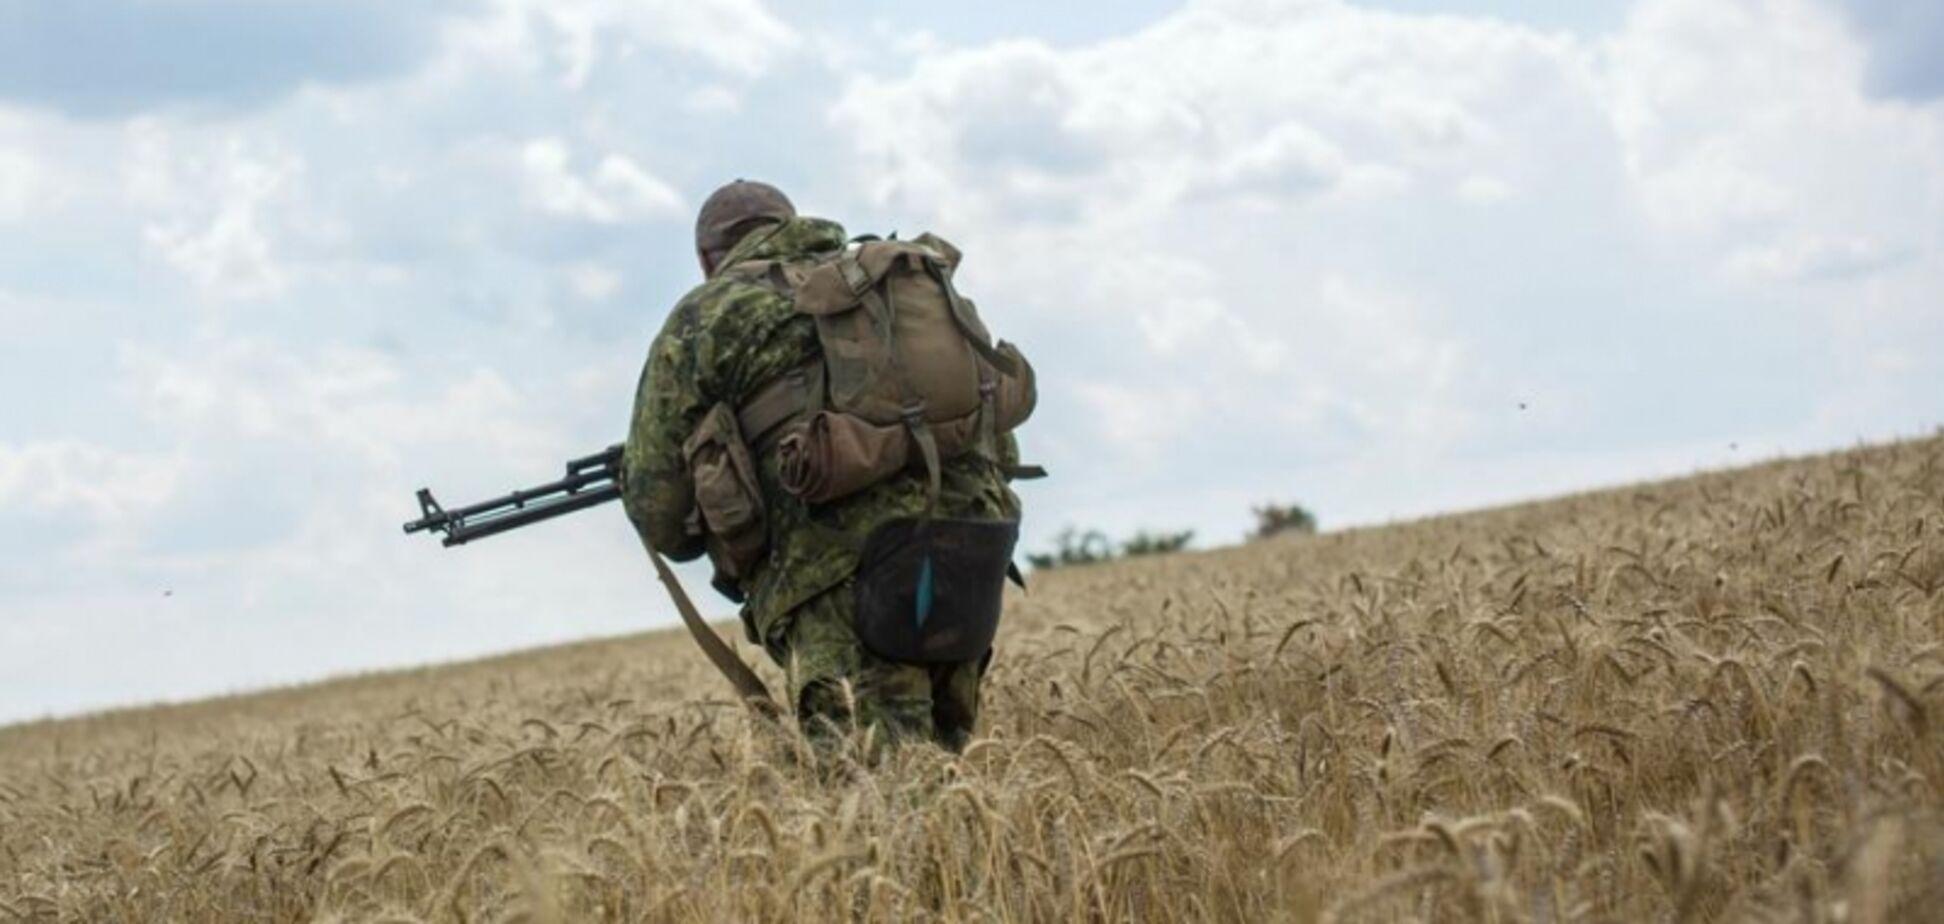 В 'бригаде-200' пополнение: воин ВСУ показал фото ликвидированного террориста